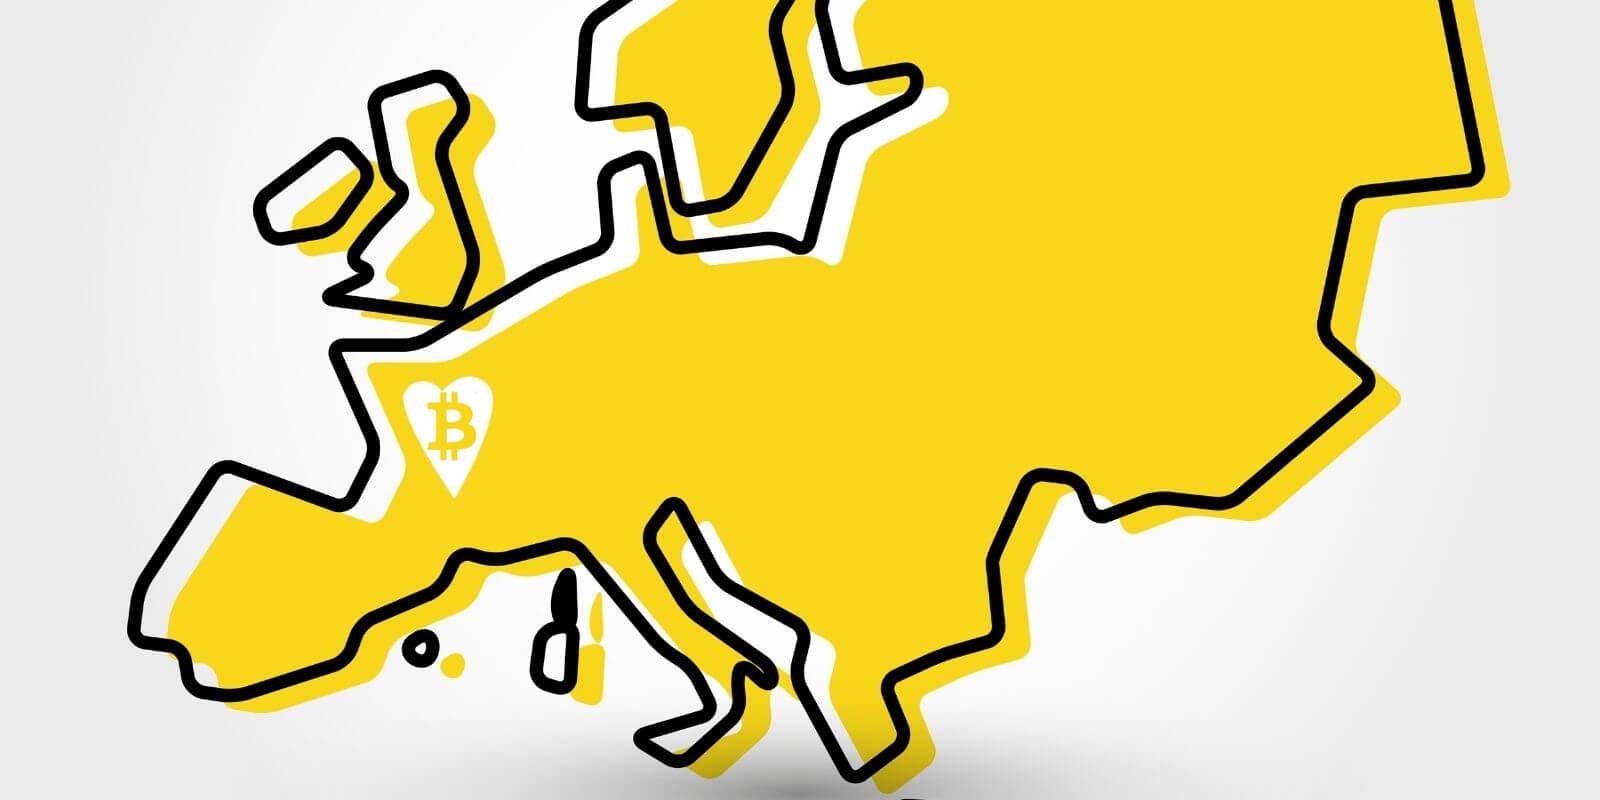 Sondage : 60% des Français ont confiance dans l'avenir des crypto-monnaies